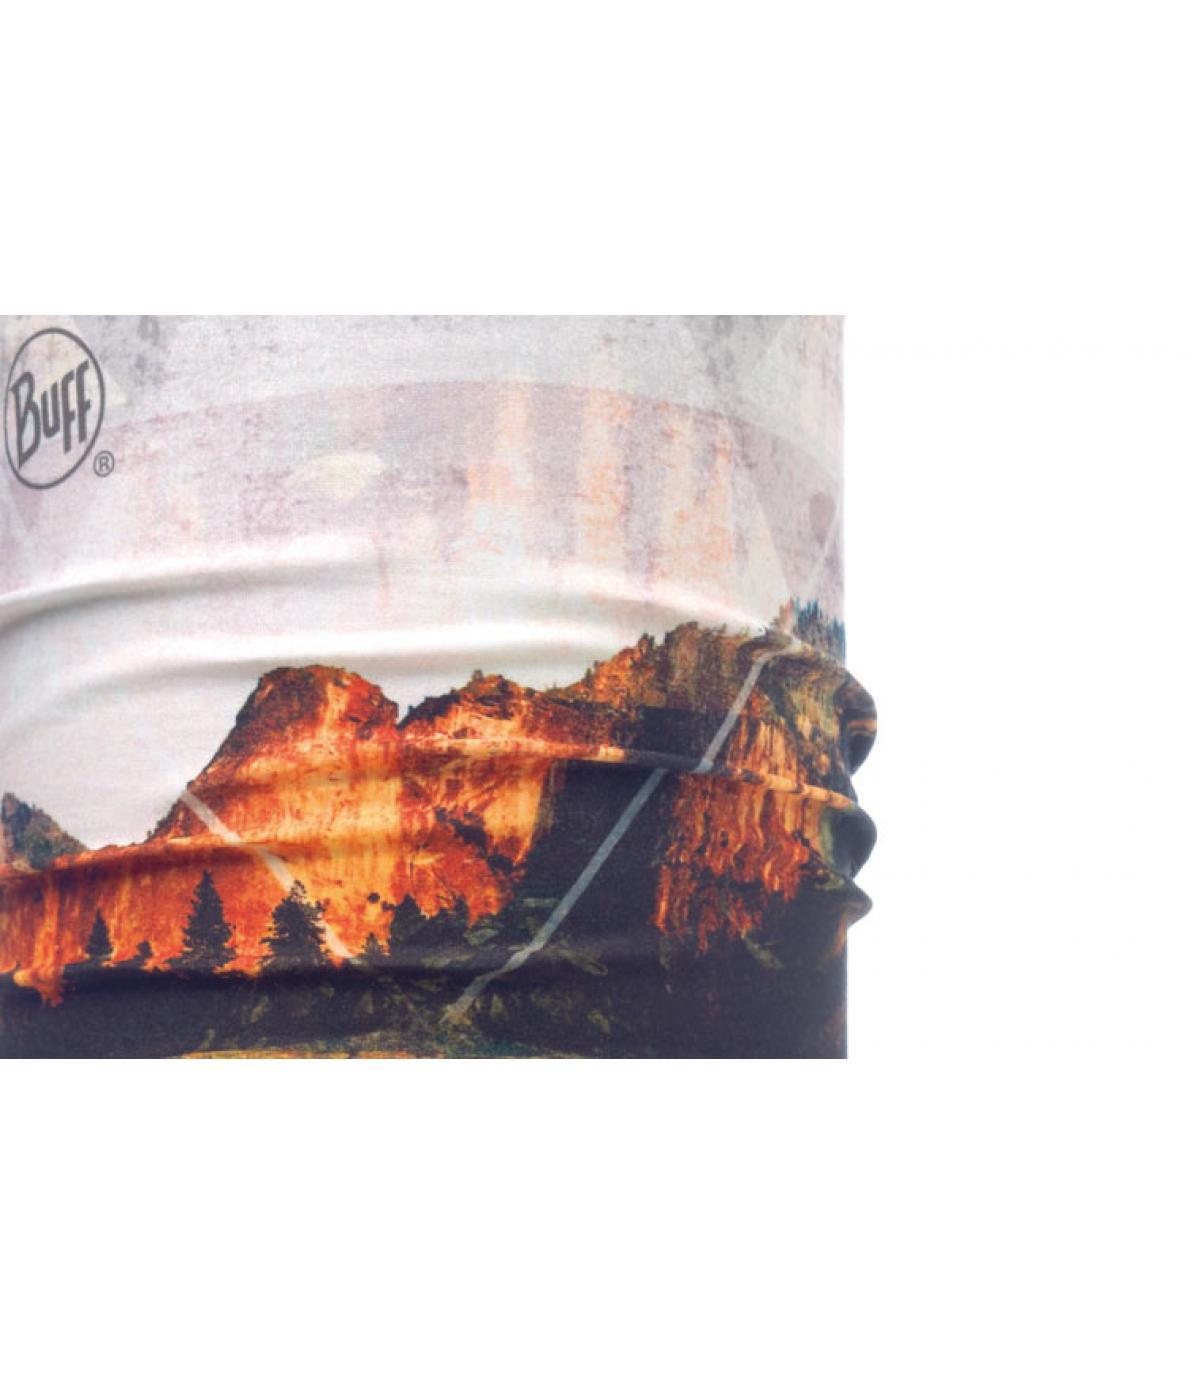 Buff mountain print.